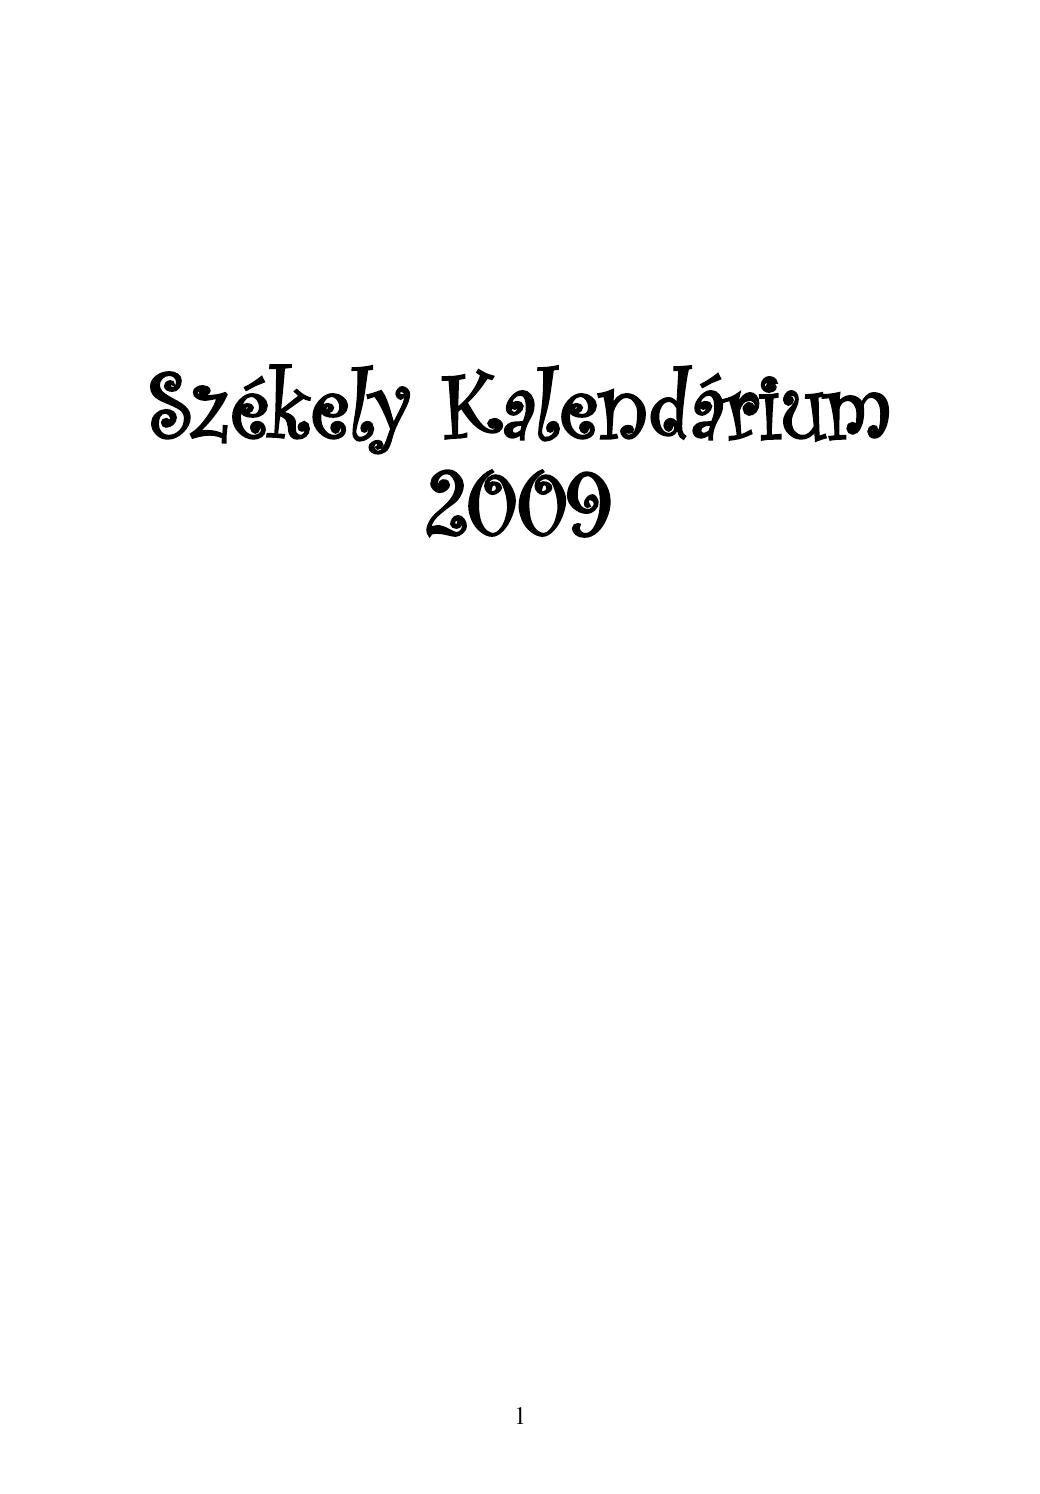 abházia együttes kezelése)